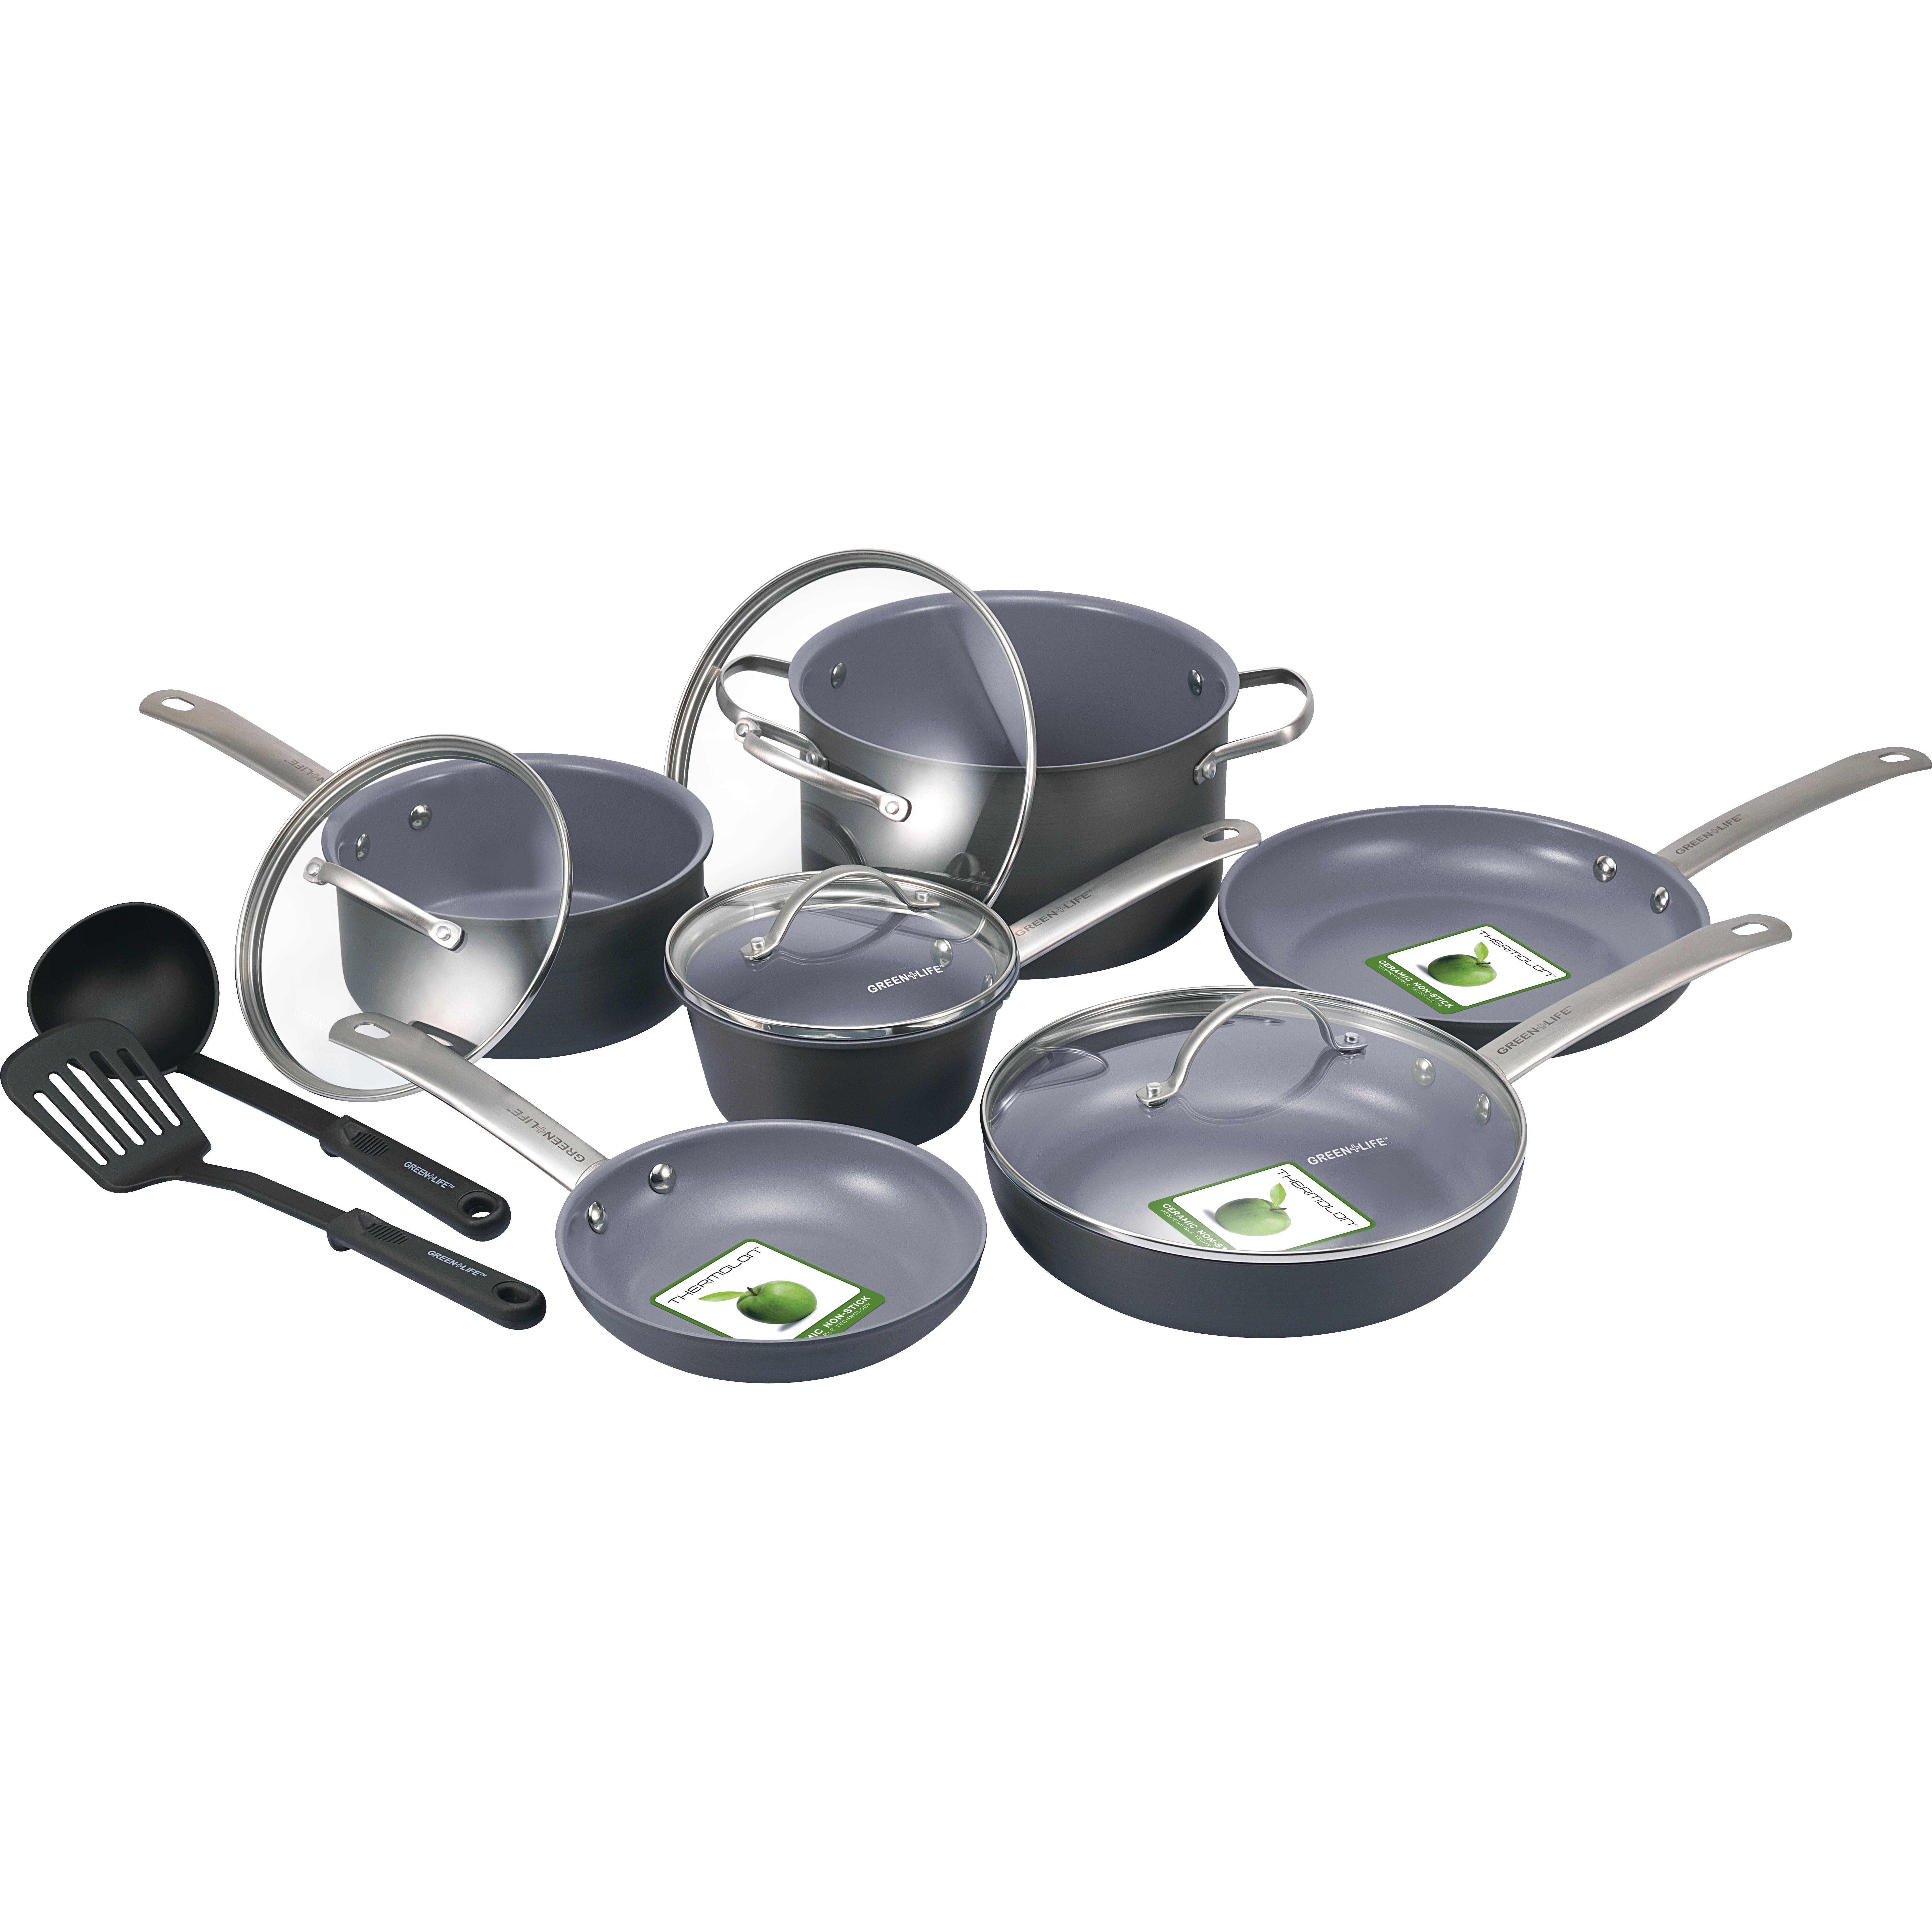 Greenlife Gourmet 12 Piece Non Stick Cookware Set